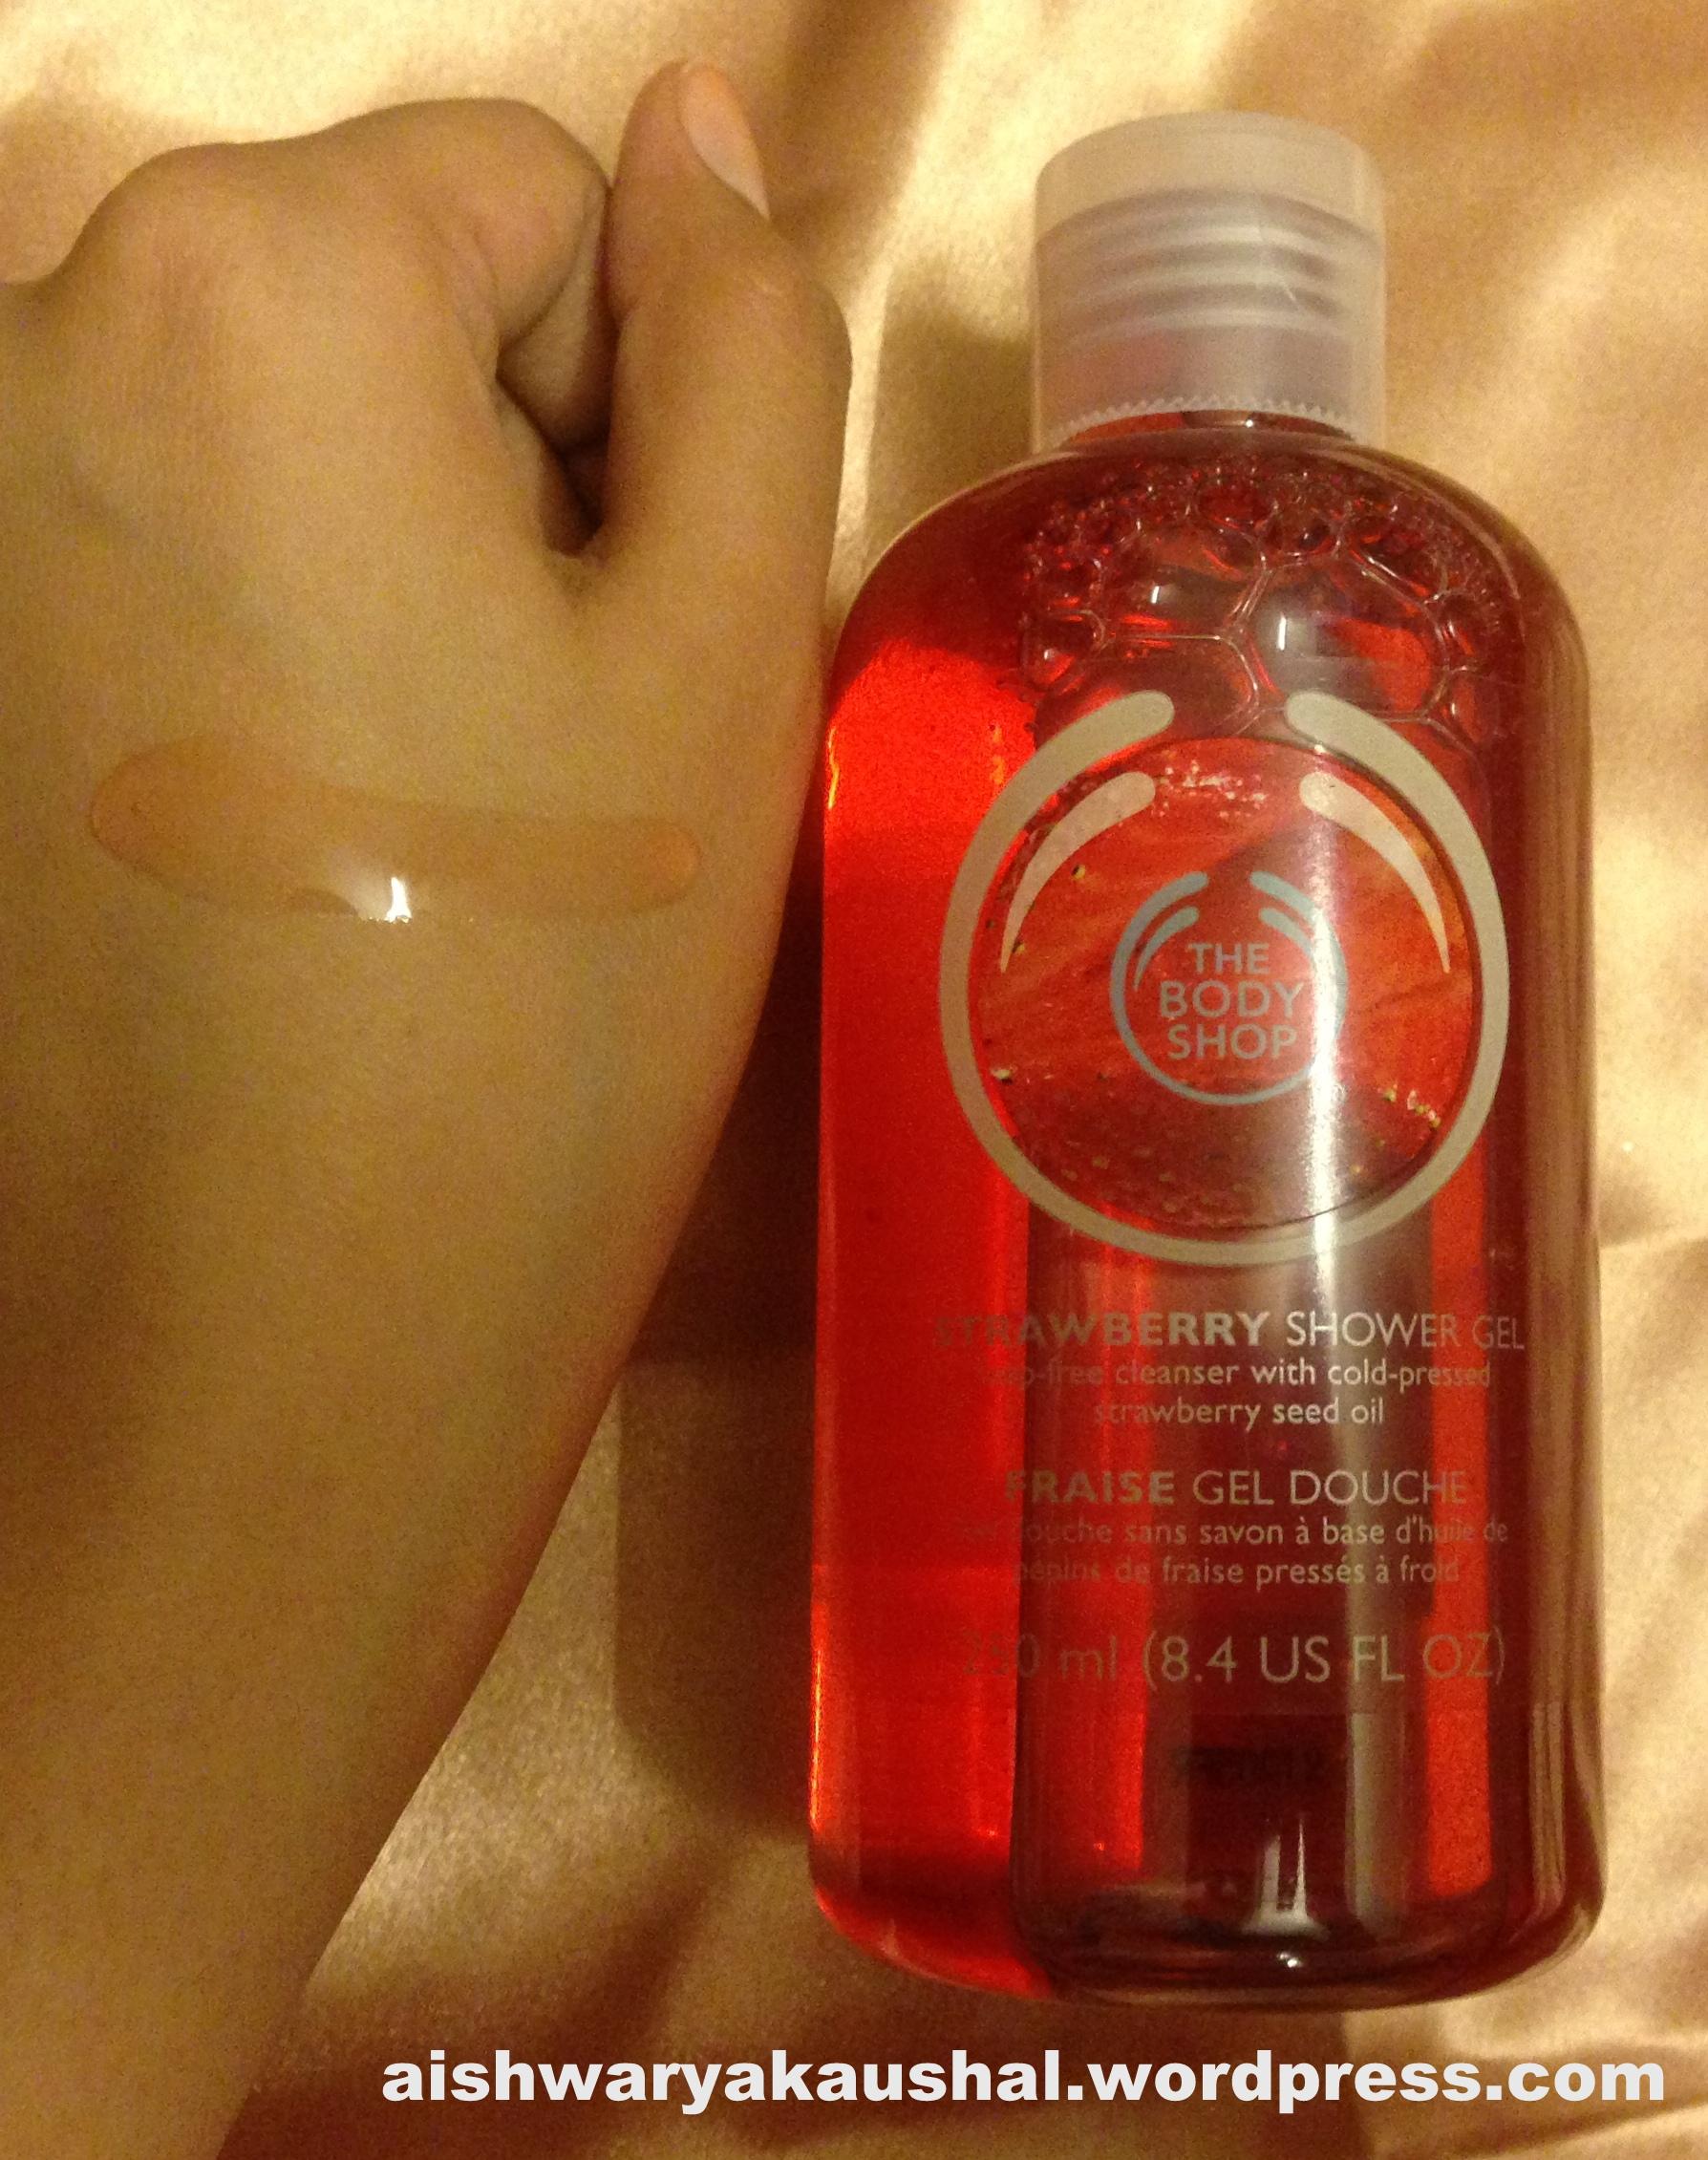 The Body Shop Strawberry Range : Shower Gel, Body Polish, Body ...